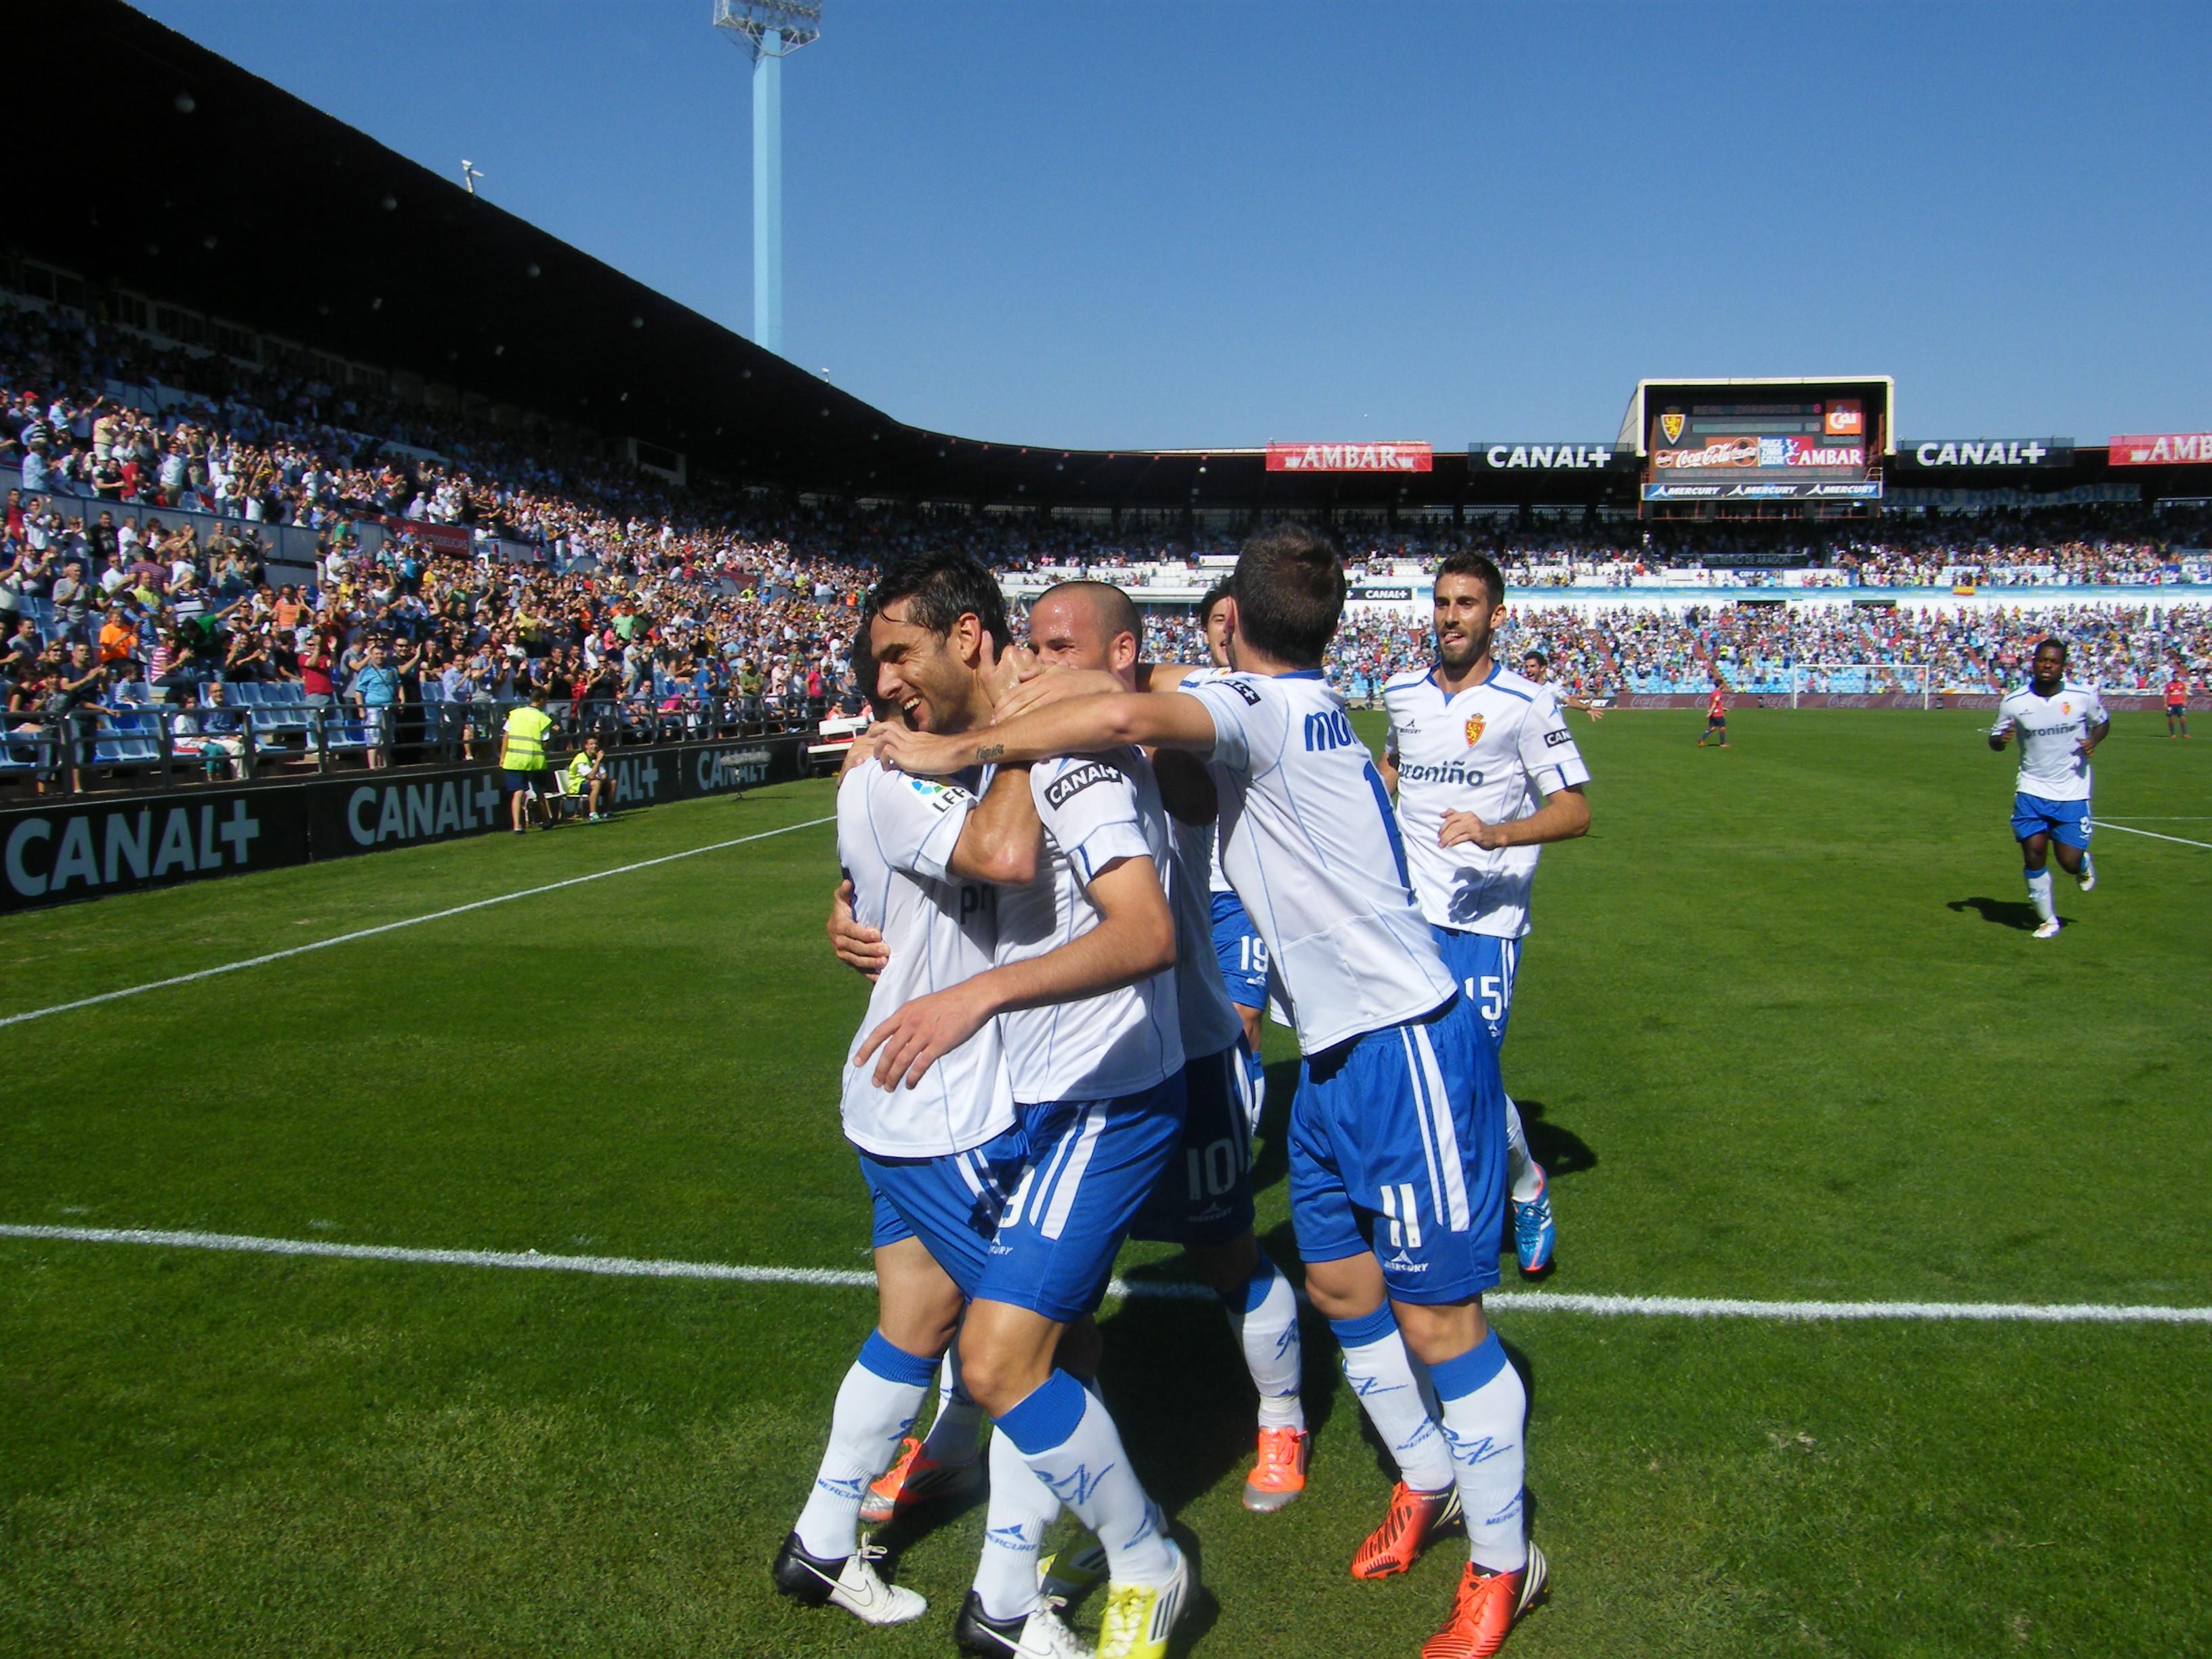 El Real Zaragoza gana y convence